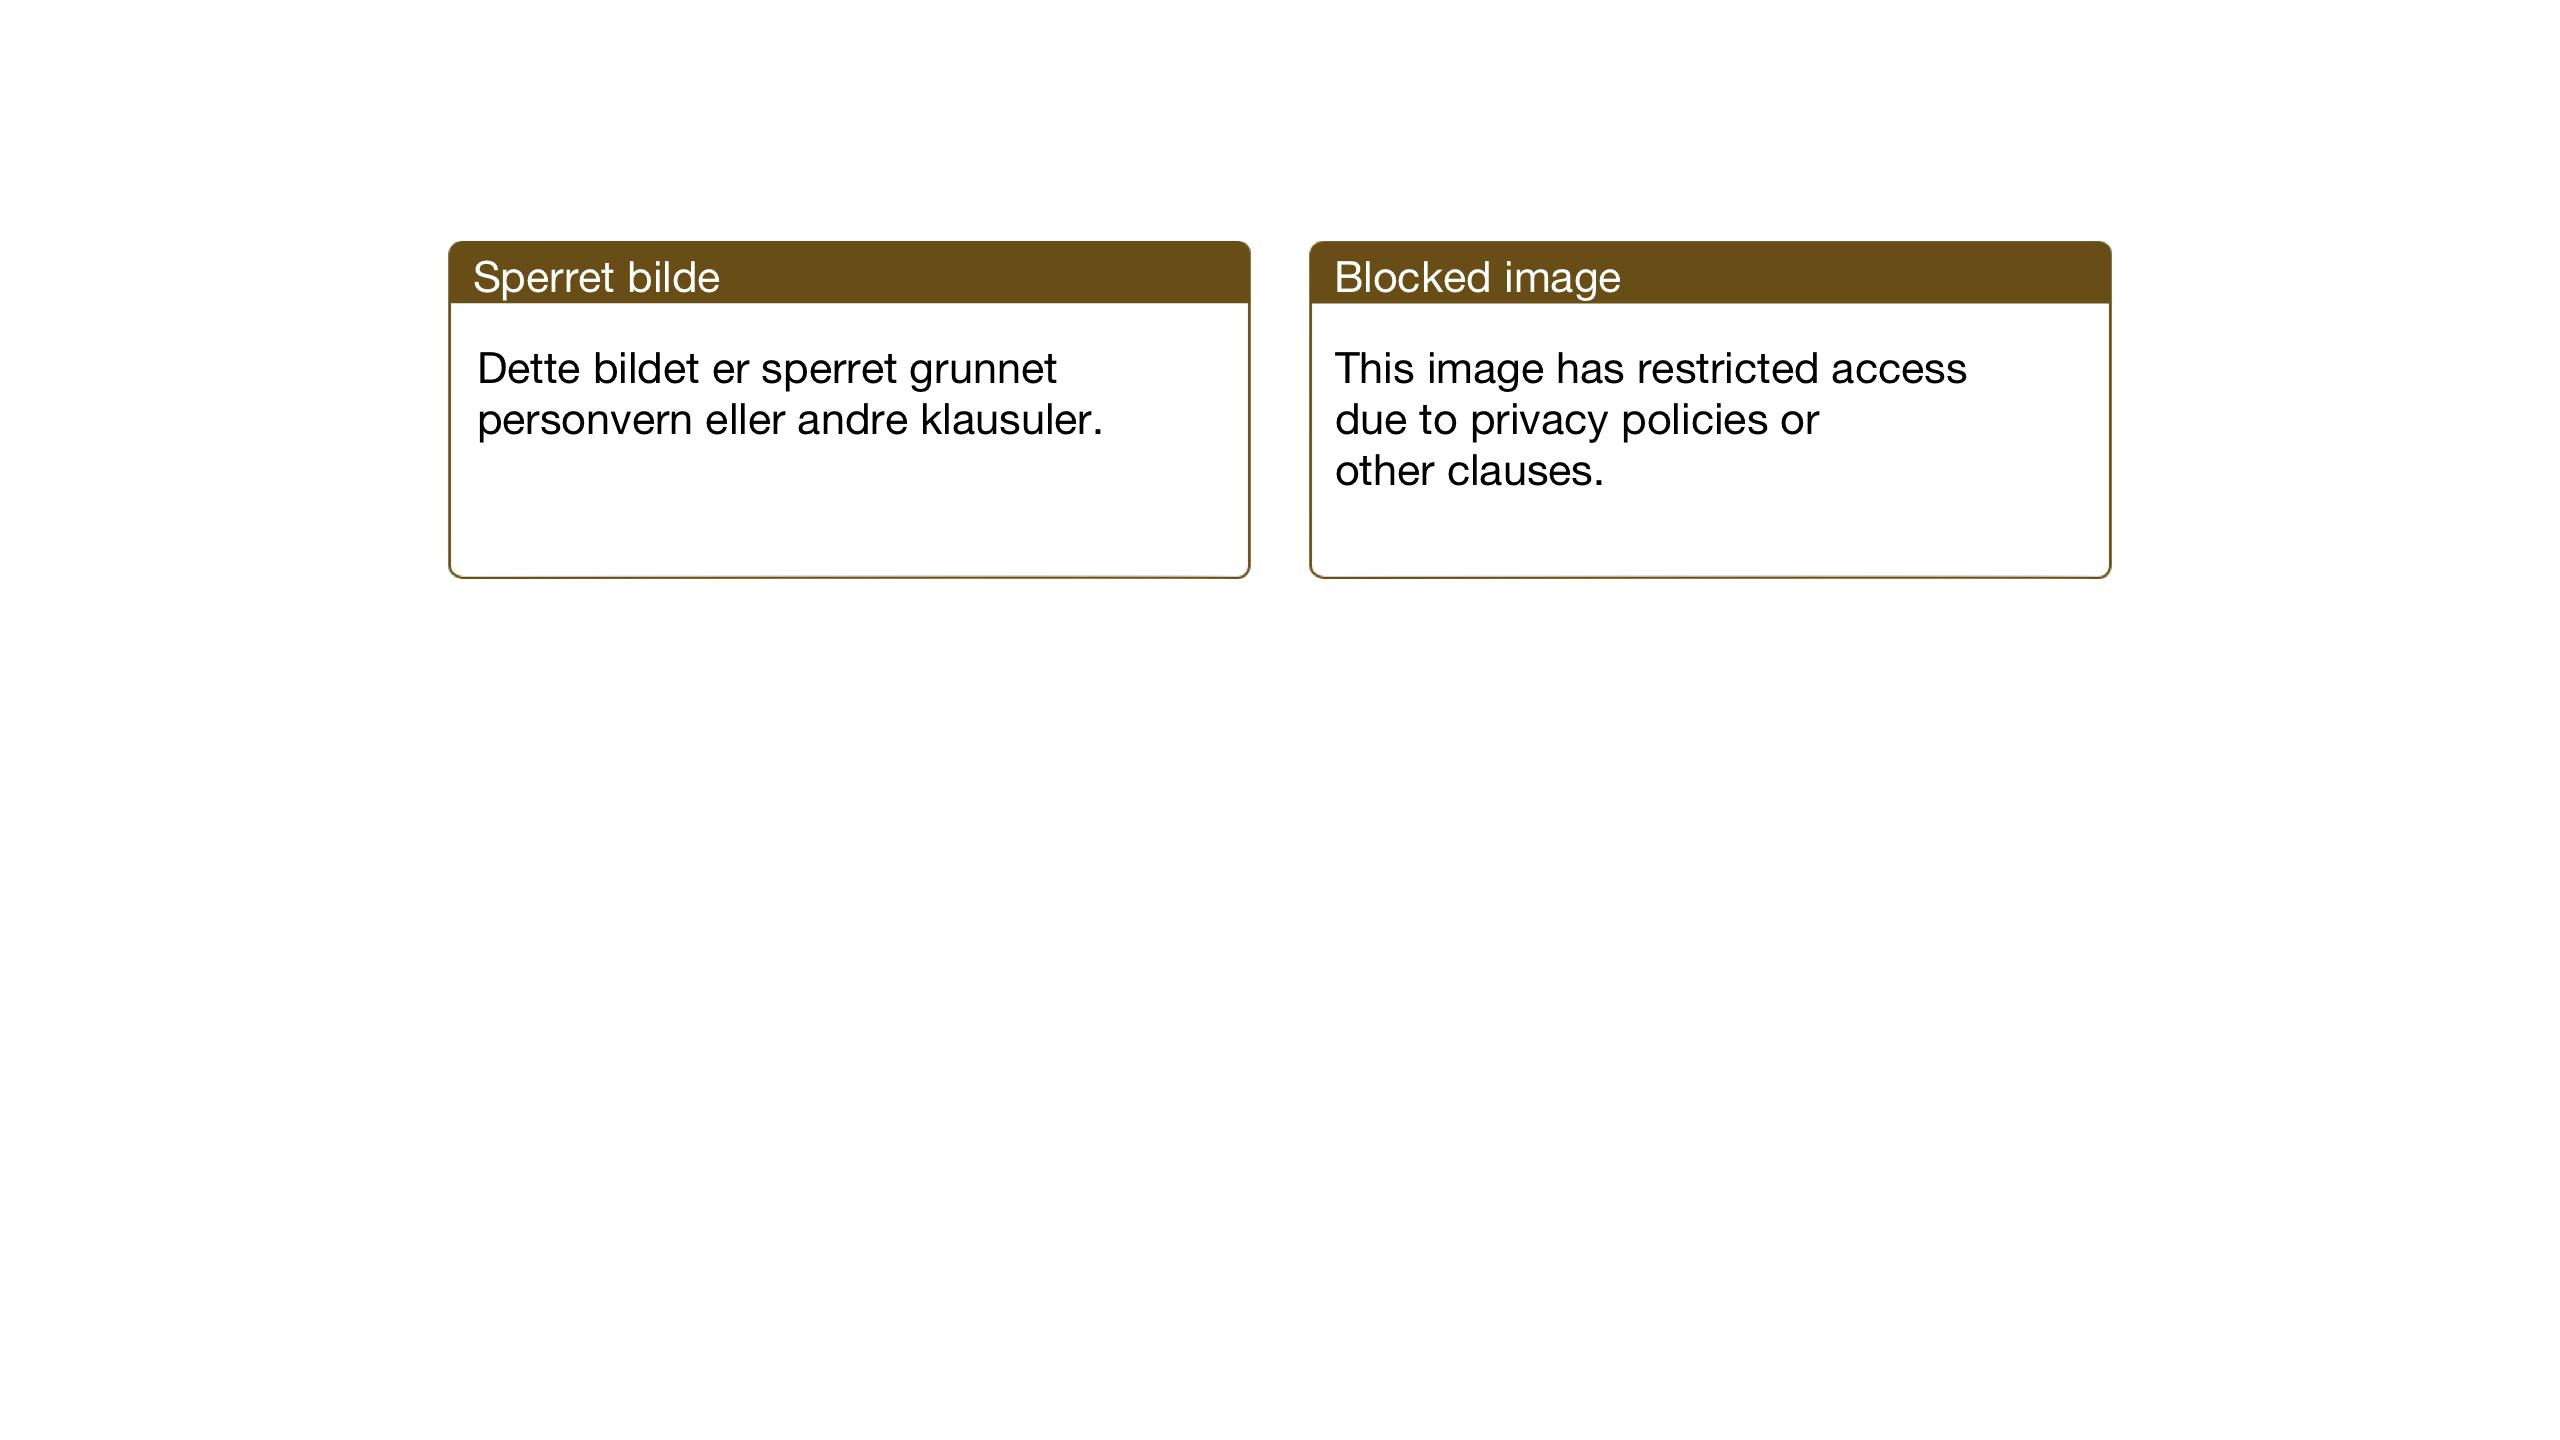 SAT, Ministerialprotokoller, klokkerbøker og fødselsregistre - Sør-Trøndelag, 698/L1169: Klokkerbok nr. 698C06, 1930-1949, s. 135